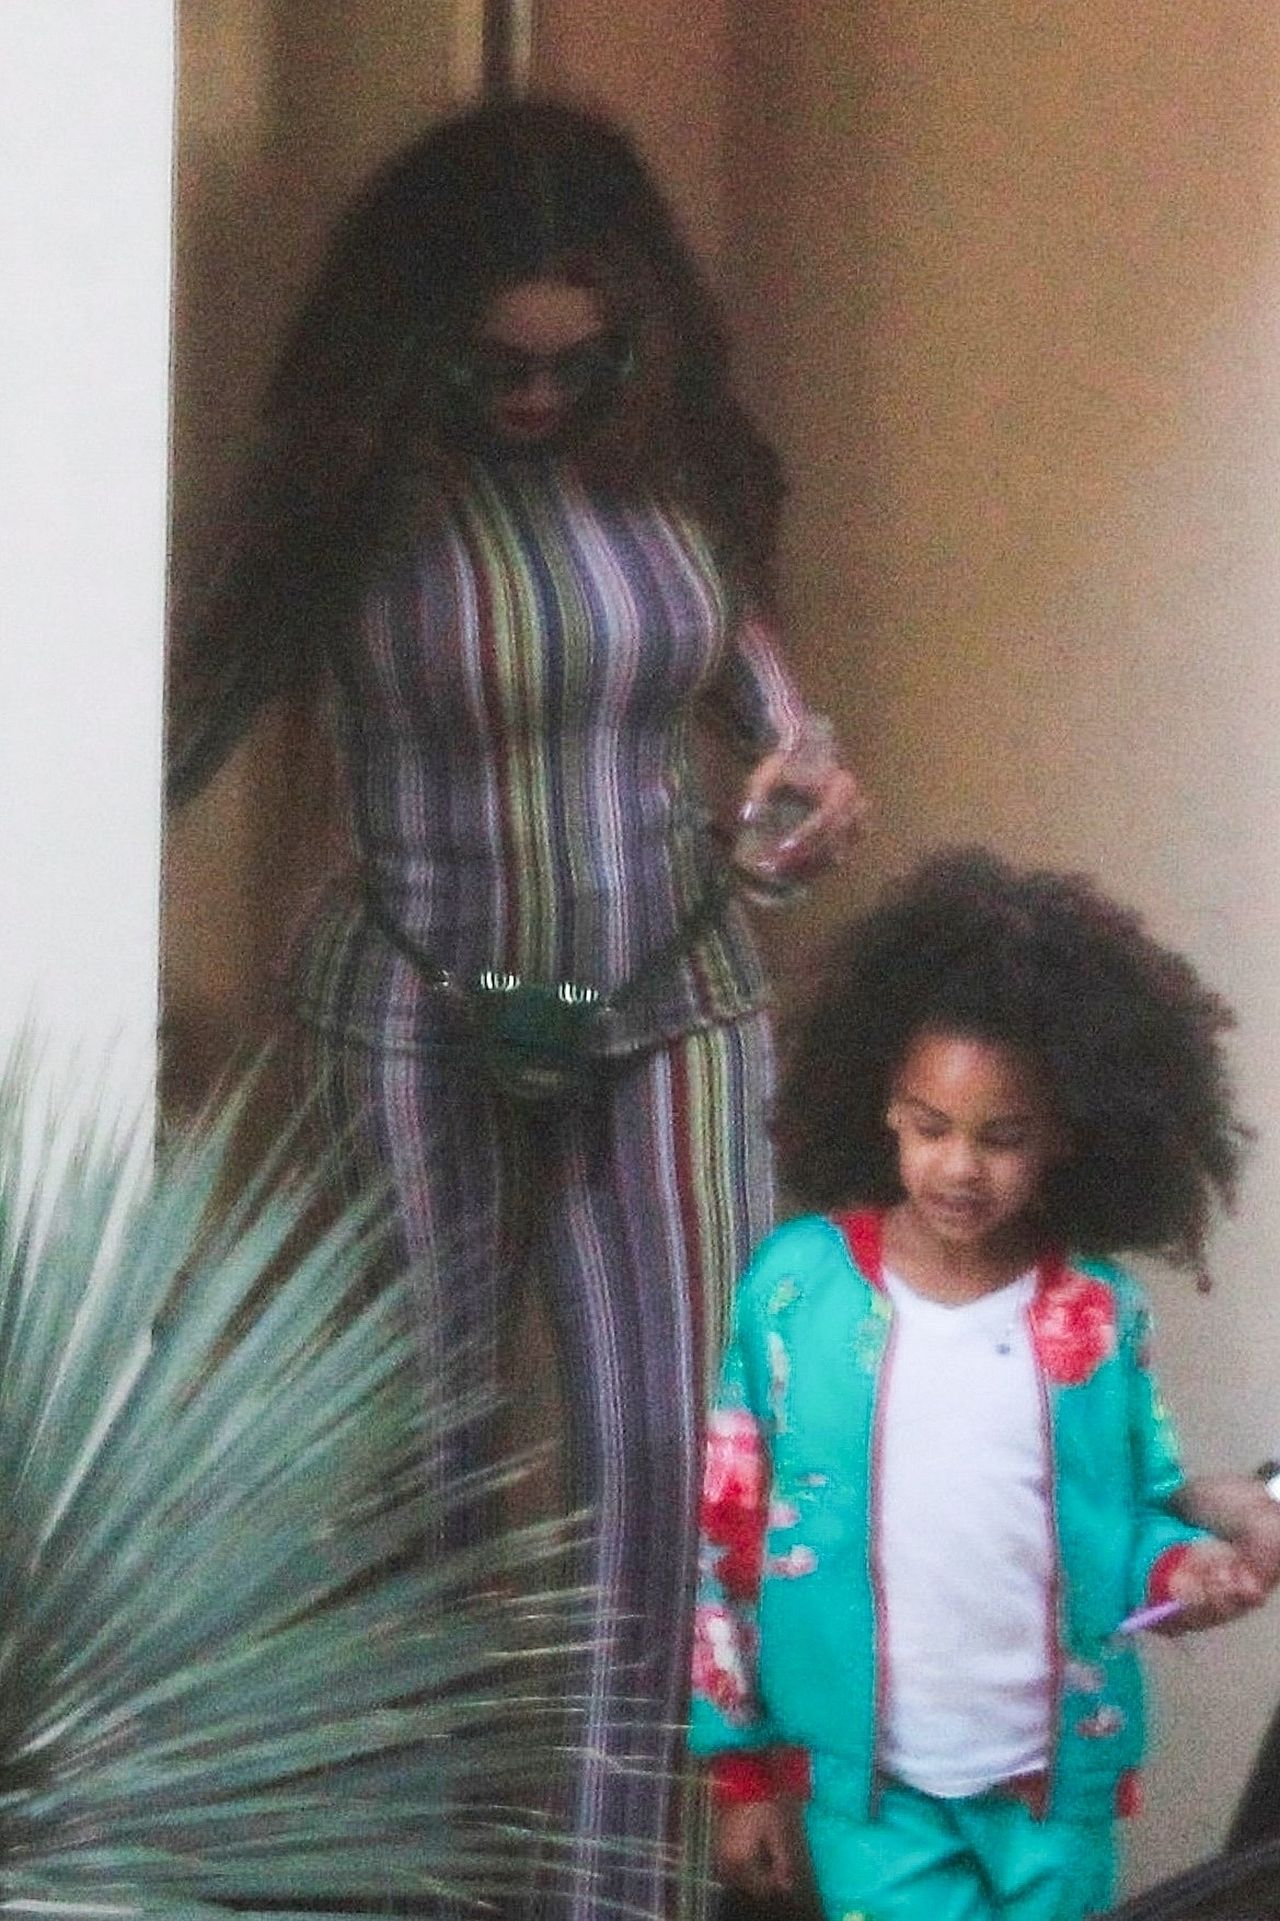 7-letnia Blue Ivy wygląda zupełnie jak Beyonce w dzieciństwie (ZDJĘCIA)